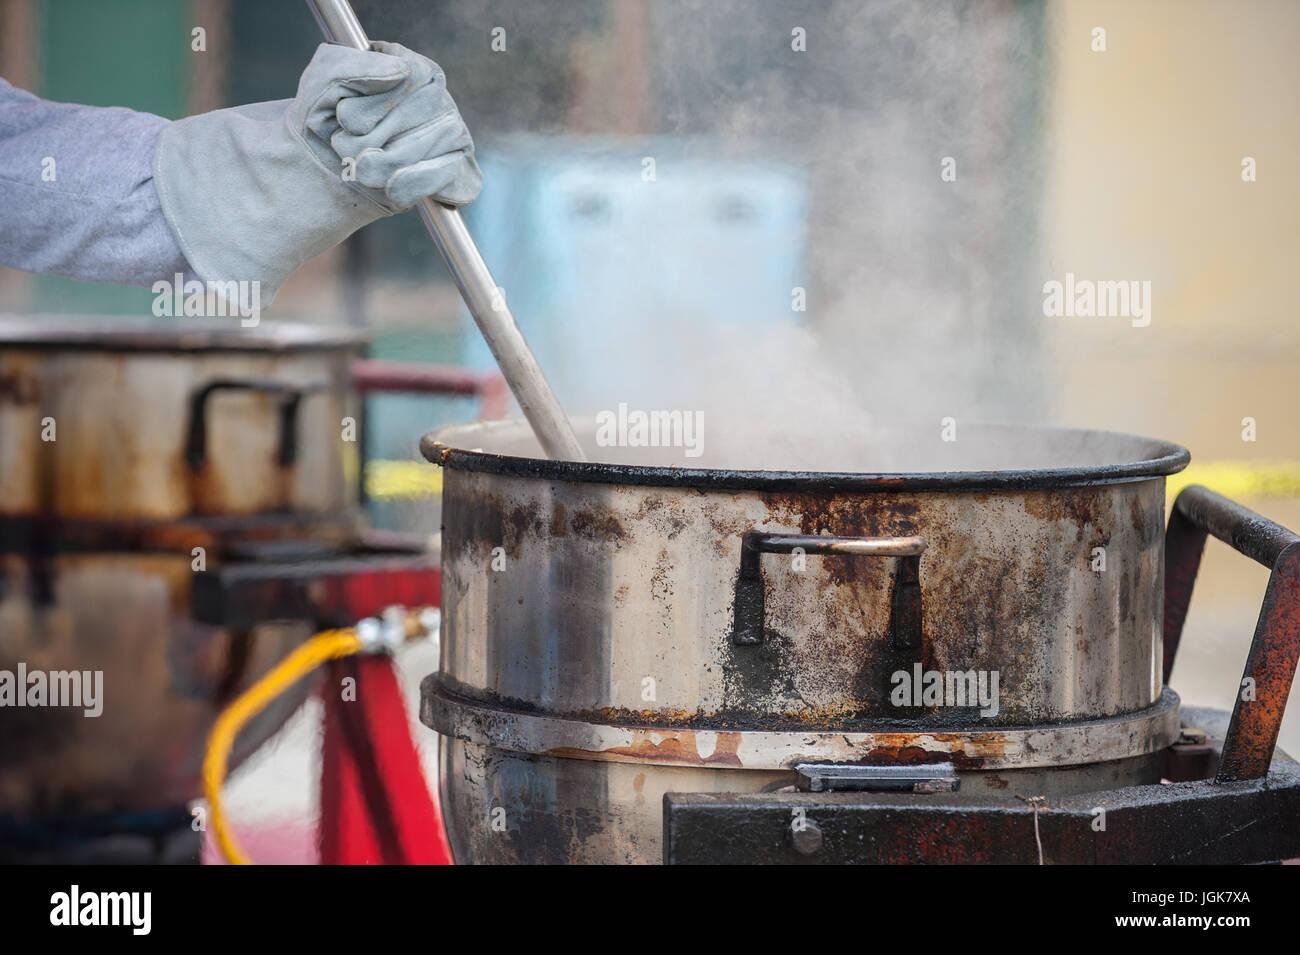 Gemütlich Dampf Und Kessel Fotos - Verdrahtungsideen - korsmi.info